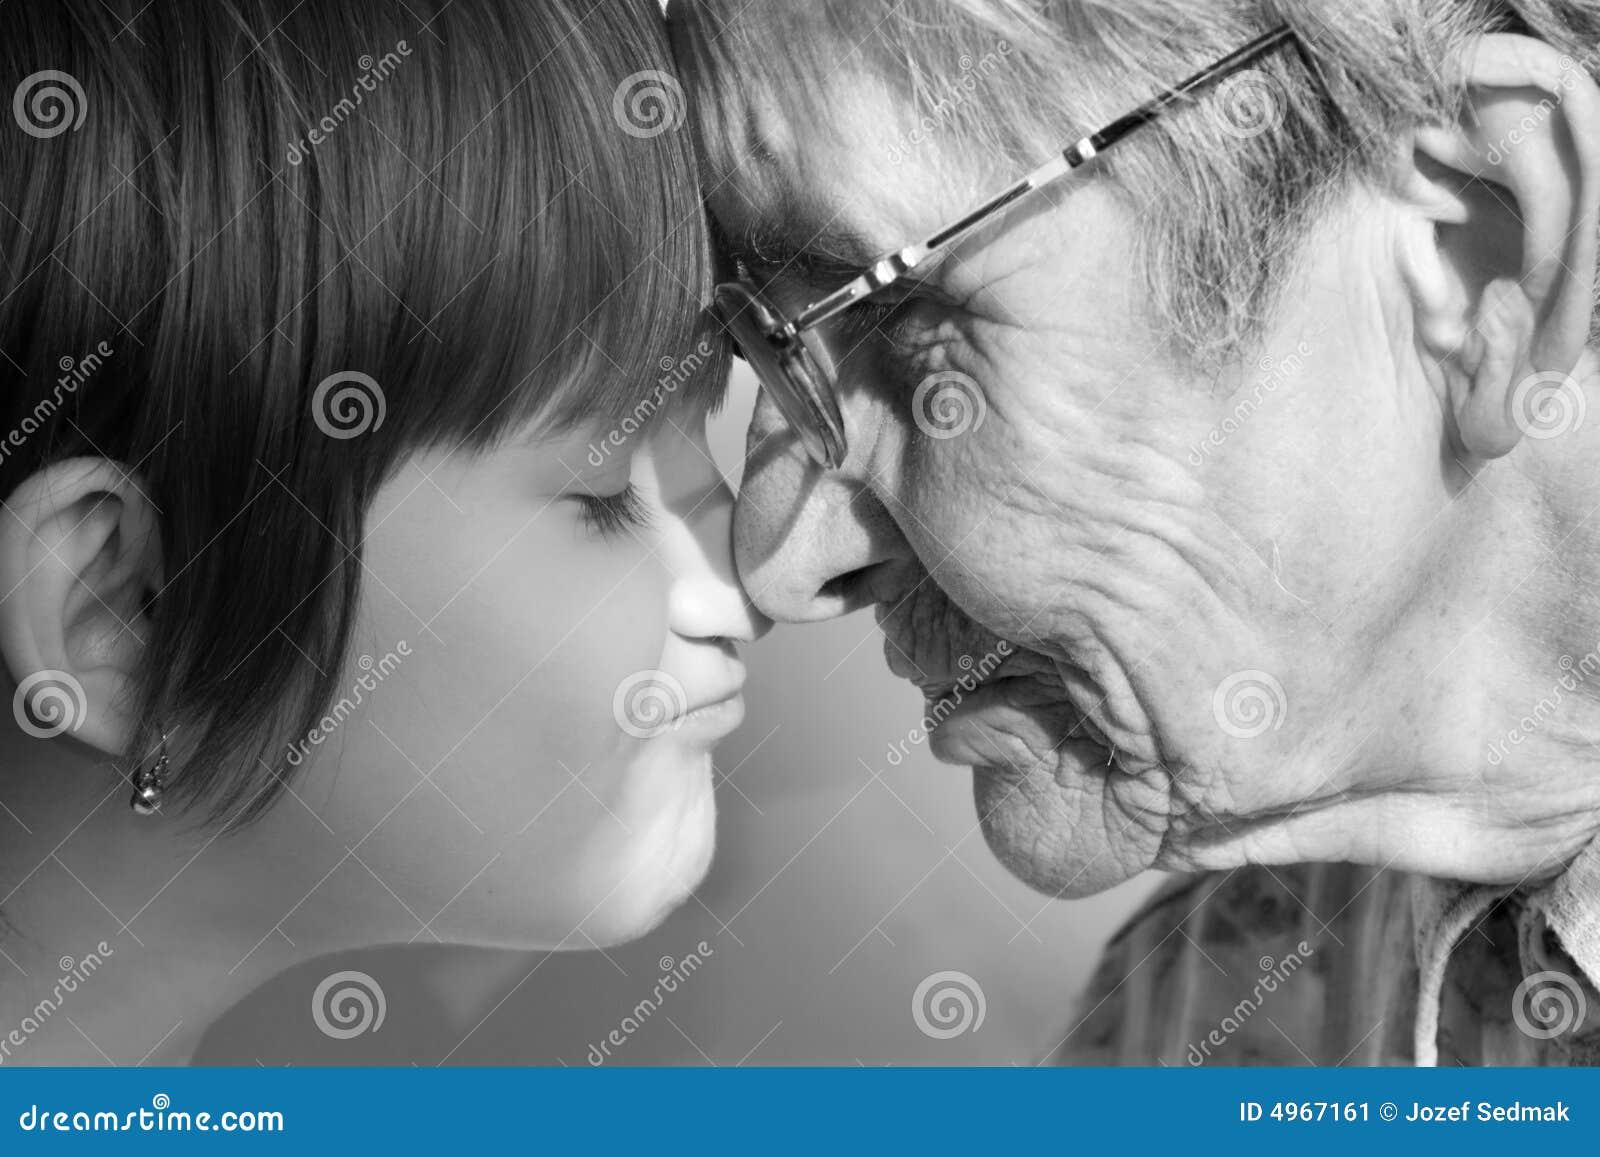 Смотреть бесплатно бабушка и внук 17 фотография